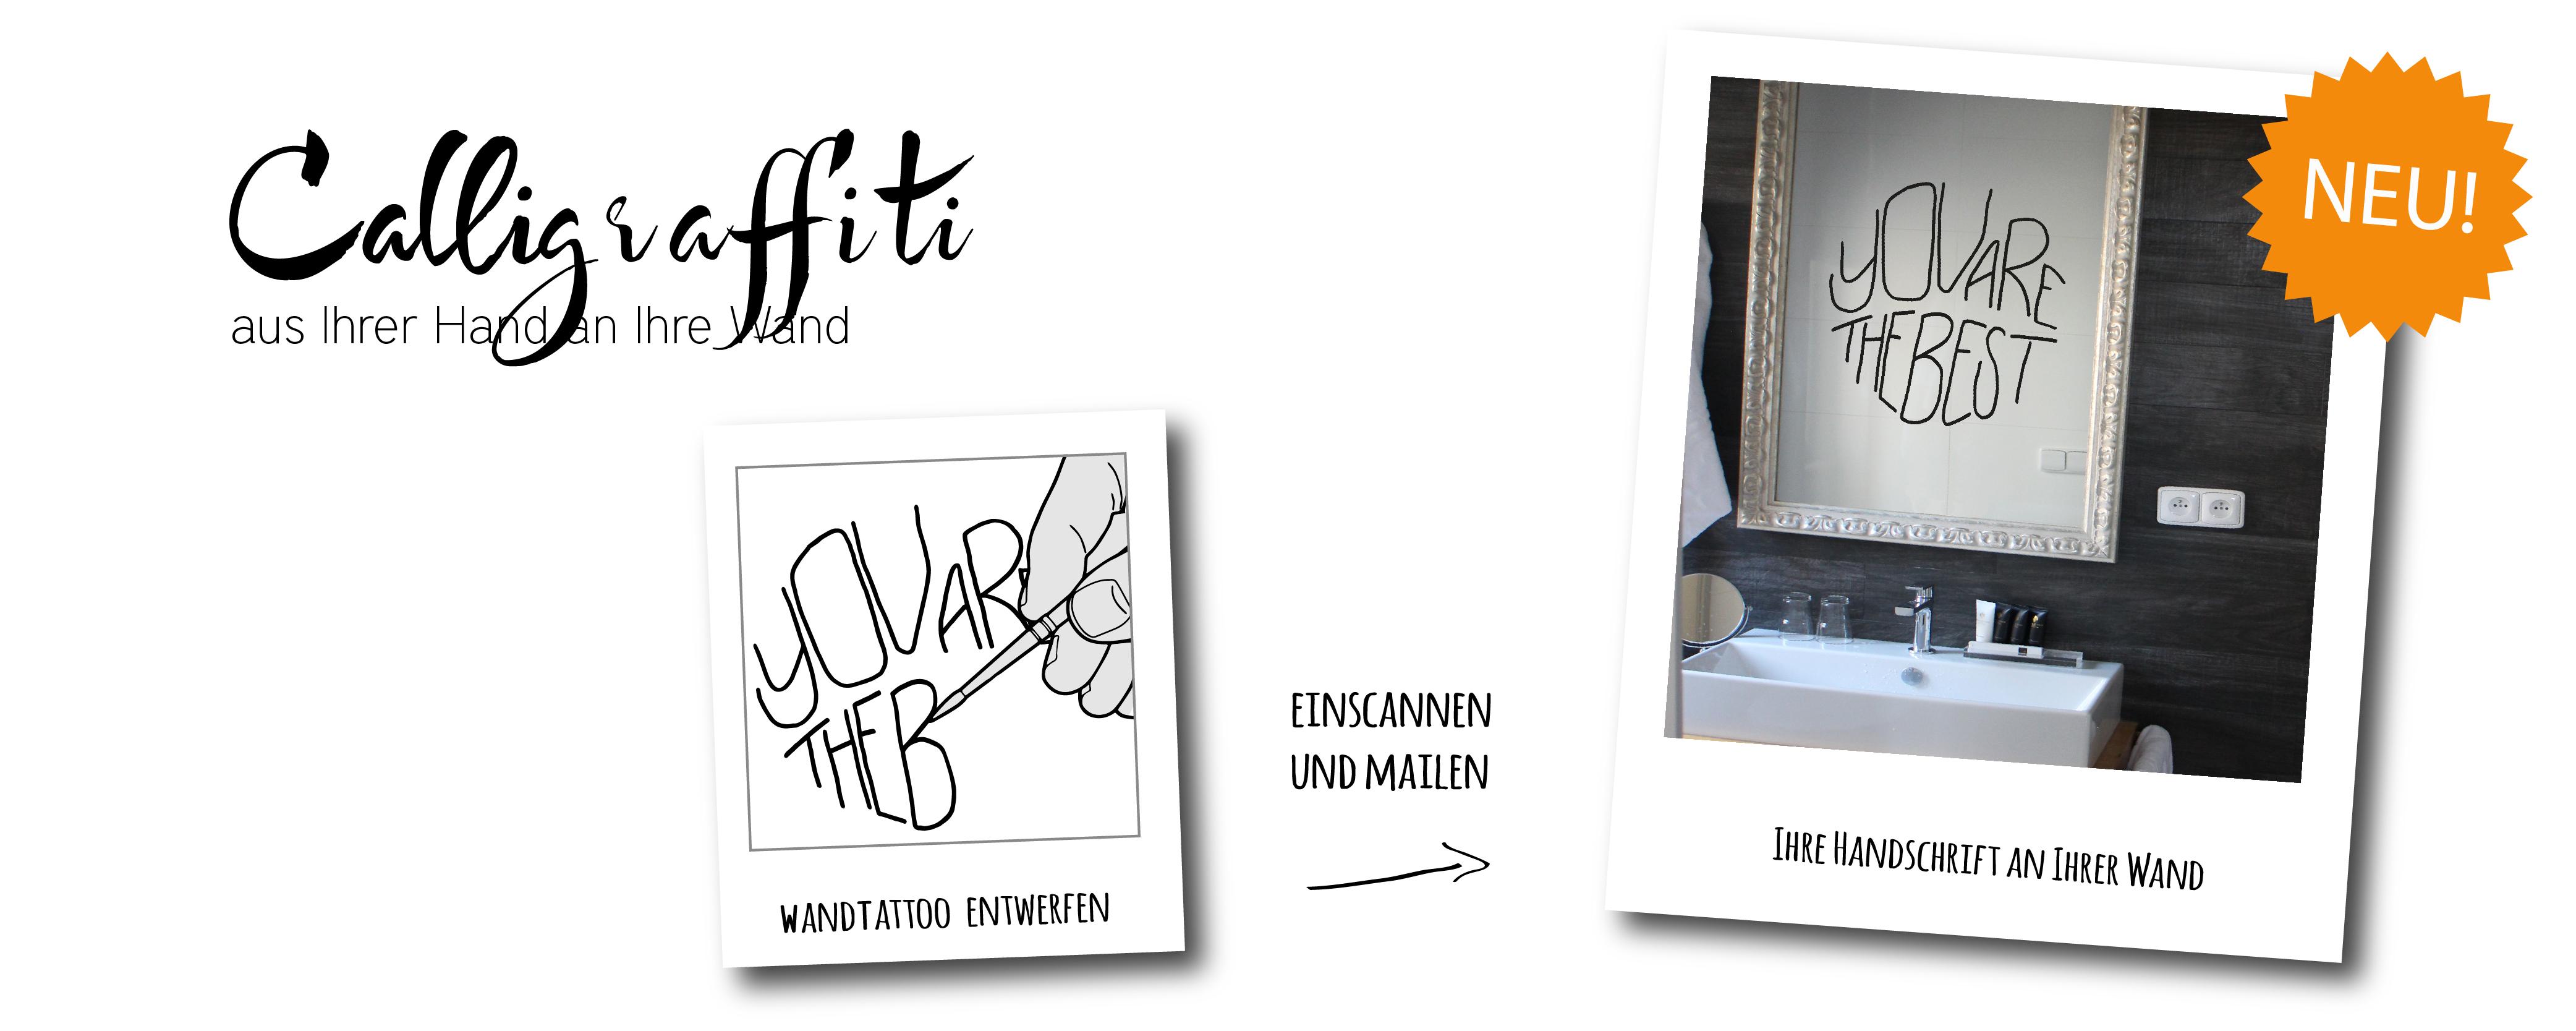 Calligraffiti Ihre Handschrift als WandTattoo